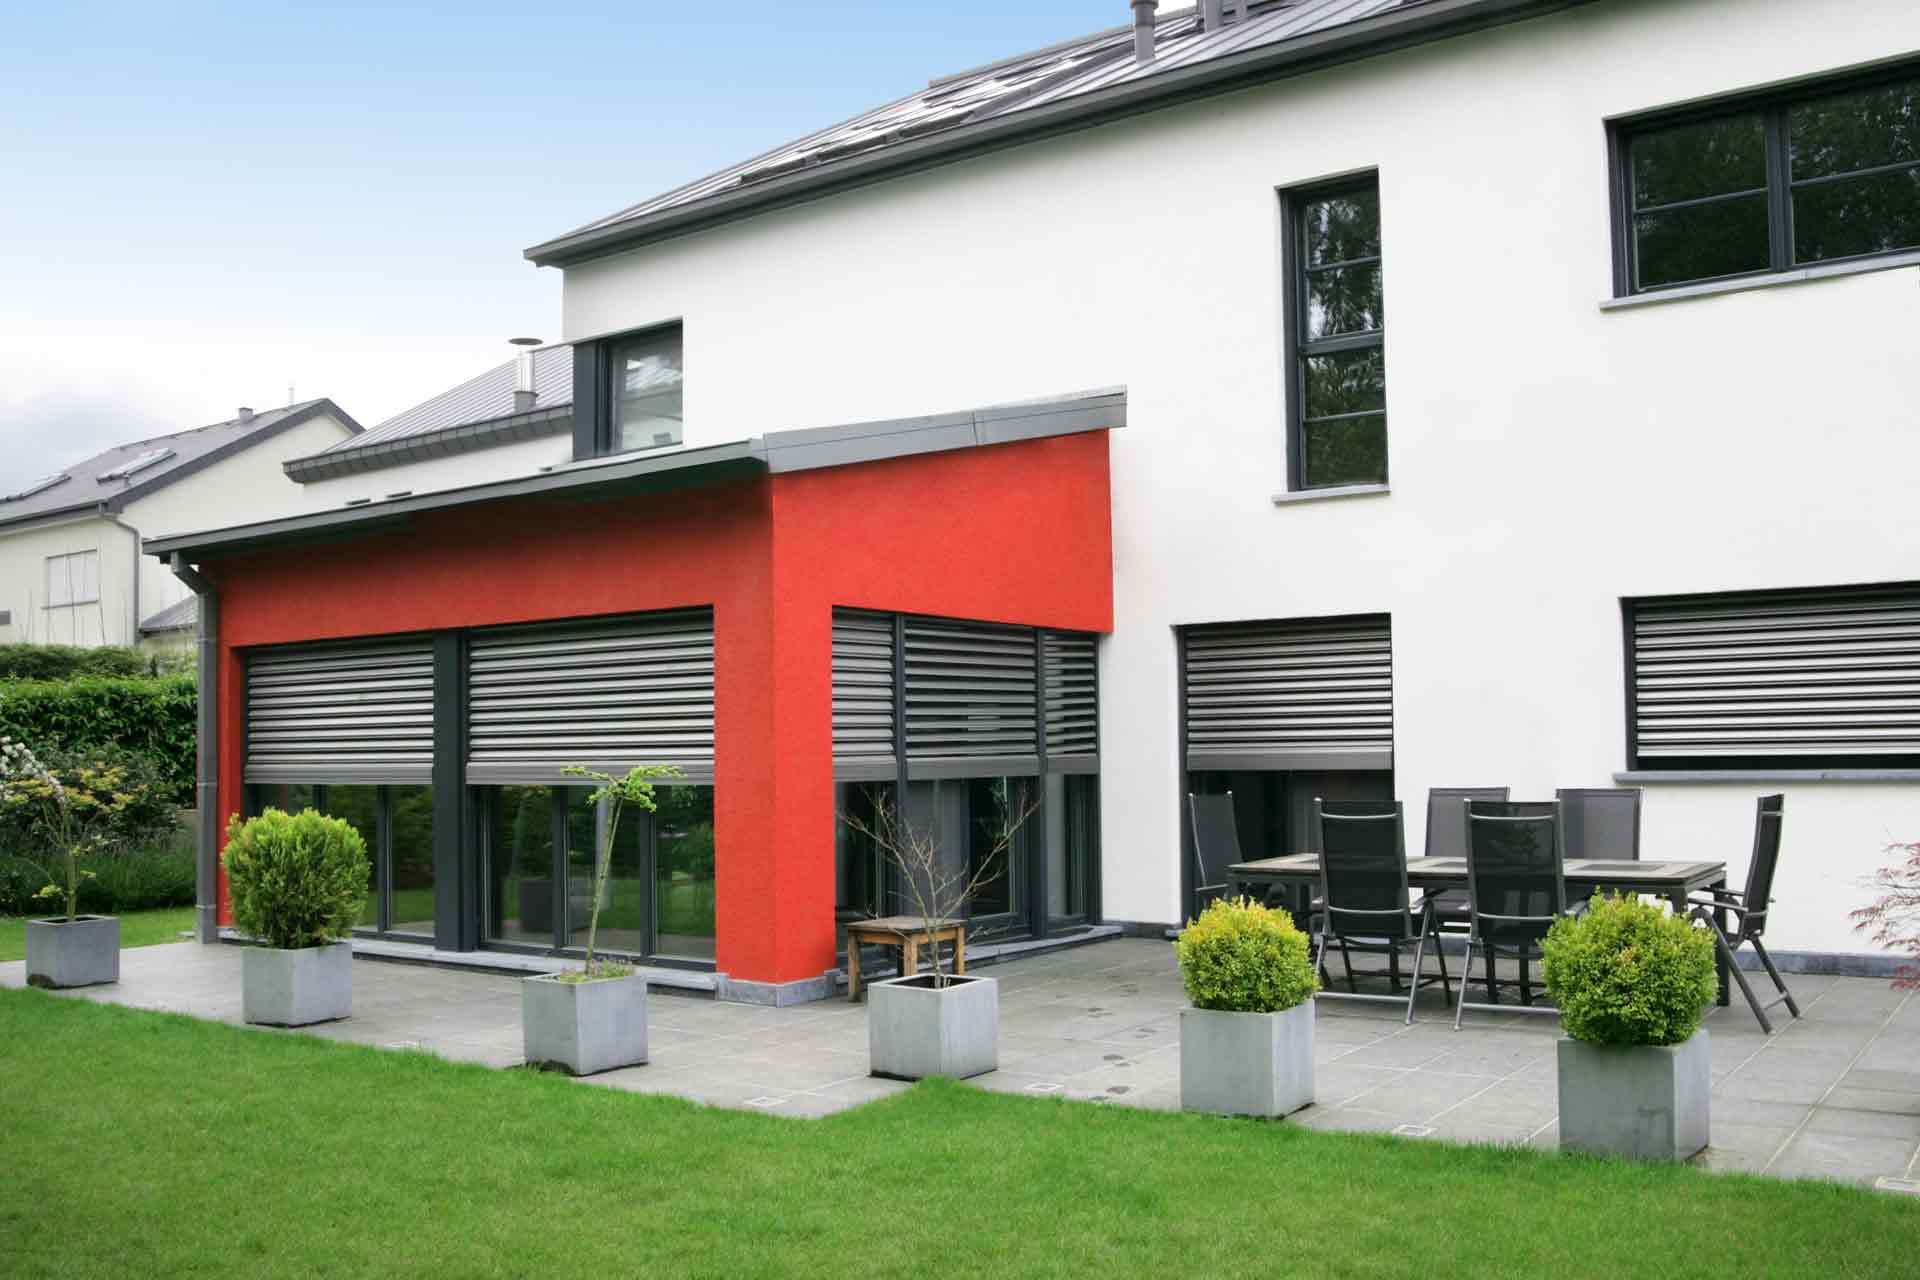 Rückseite des rot- grau- weißen Einfamilienhauses mit Blick auf die grauen Coplaning Alu Fenster.